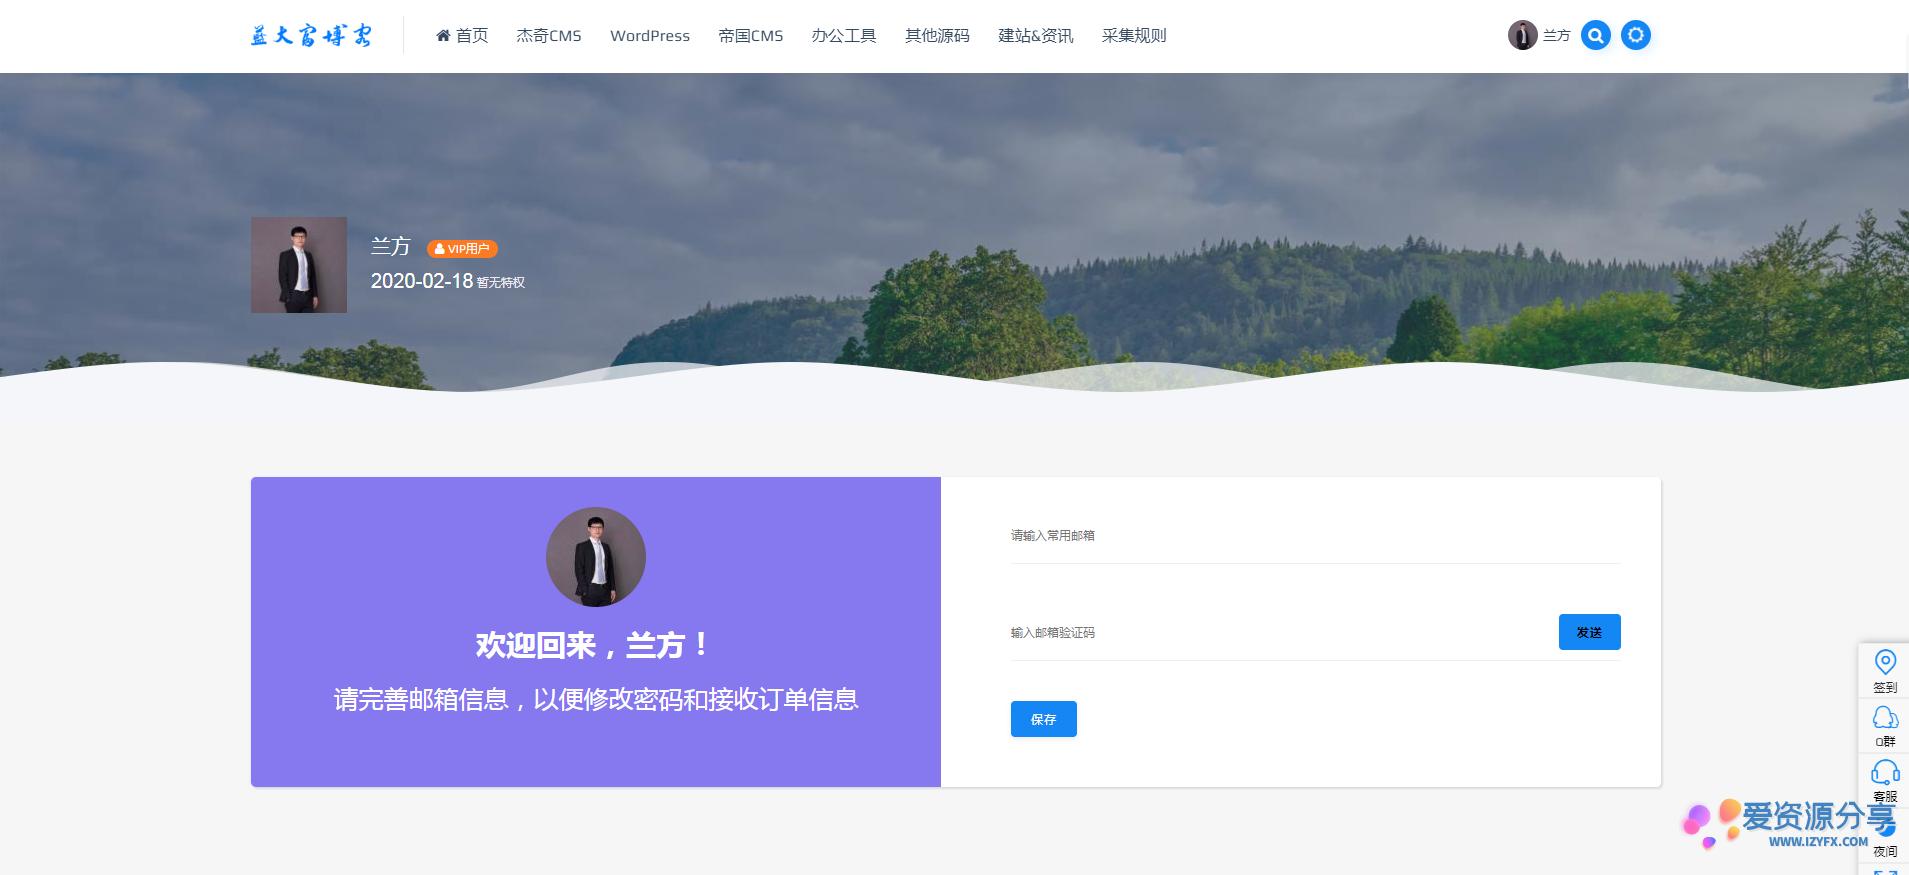 Ripro主题强制用户修改邮箱的功能实现-爱资源分享